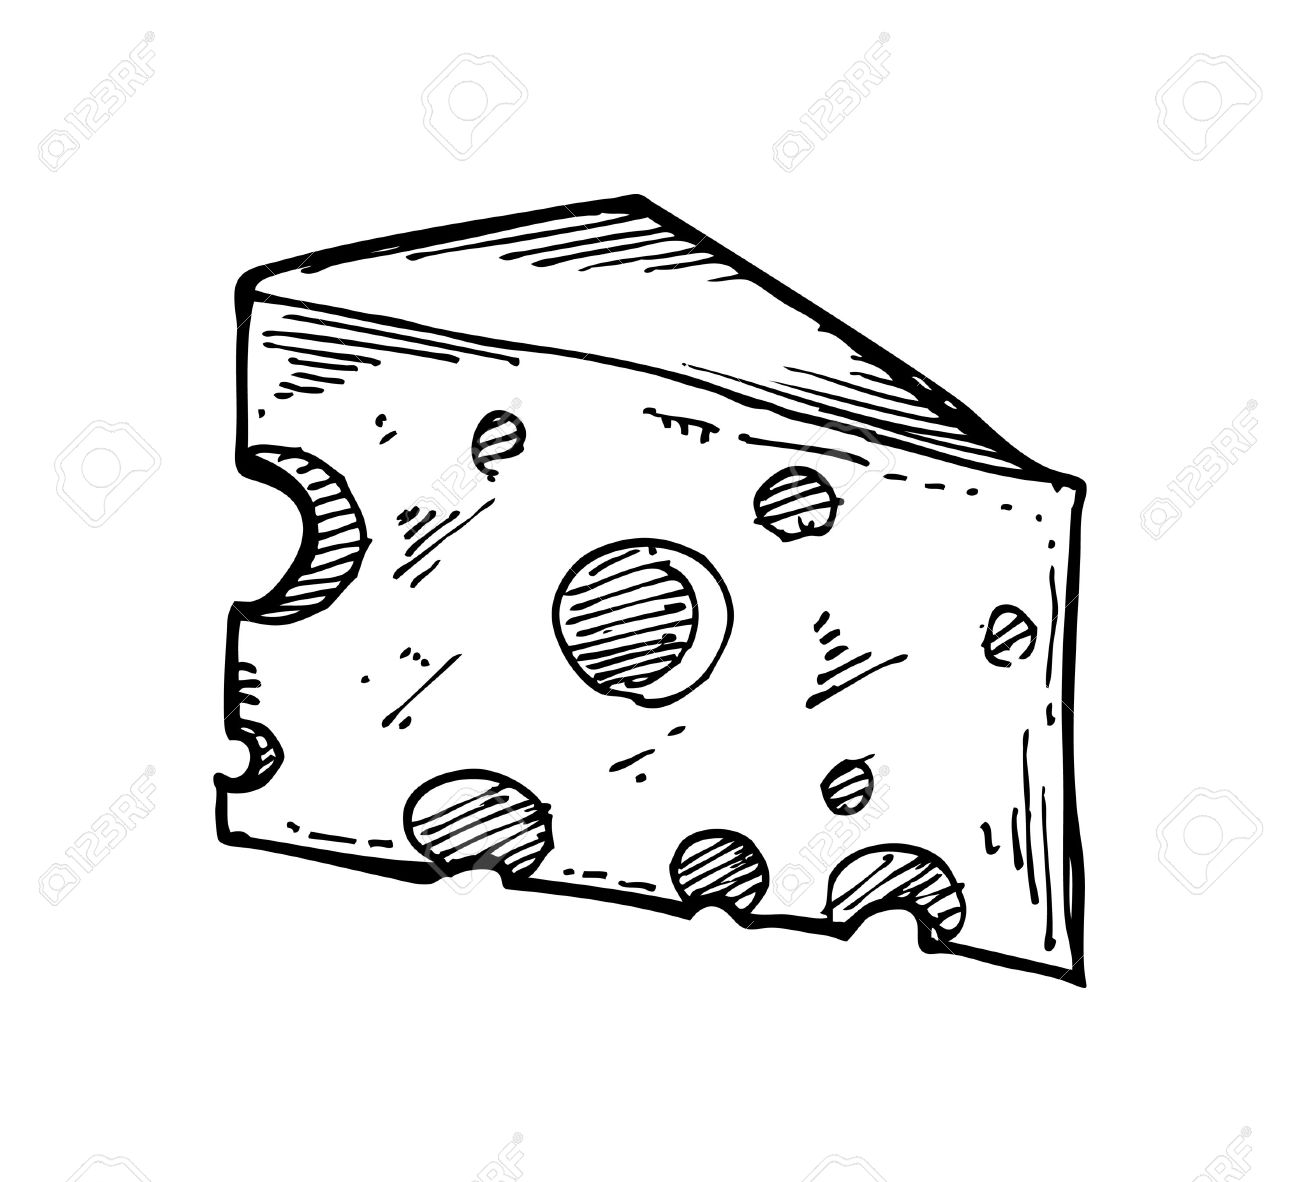 Käse clipart schwarz weiß  Skizzenhaften Käse Lizenzfrei Nutzbare Vektorgrafiken, Clip Arts ...